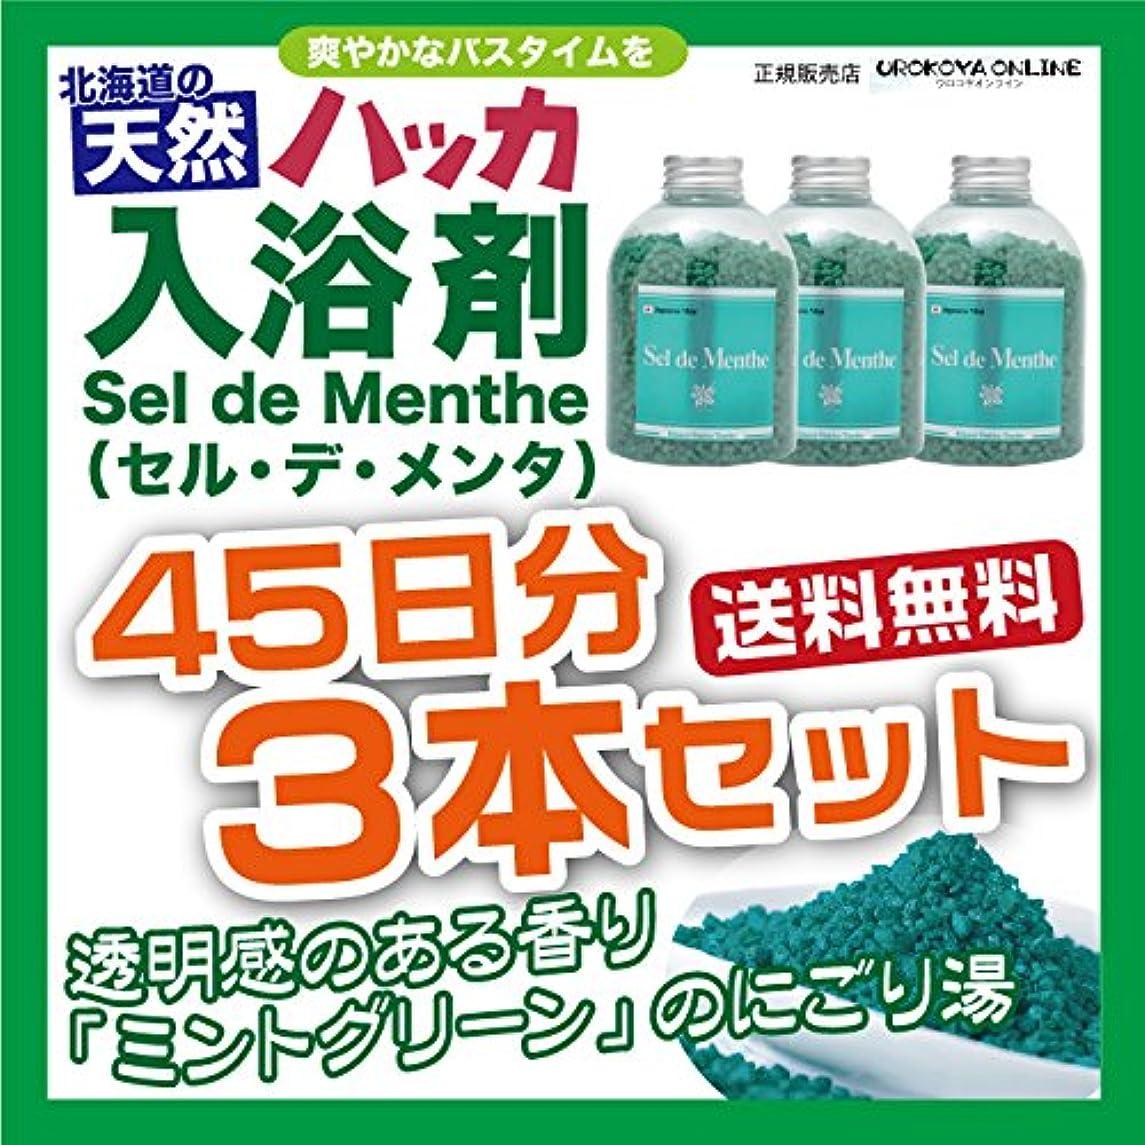 喜劇電圧他のバンドで【3本セット】北見ハッカ通商 入浴剤Sel de Menthe(セル?デ?メンタ)徳用ボトル 3本セット 1350g